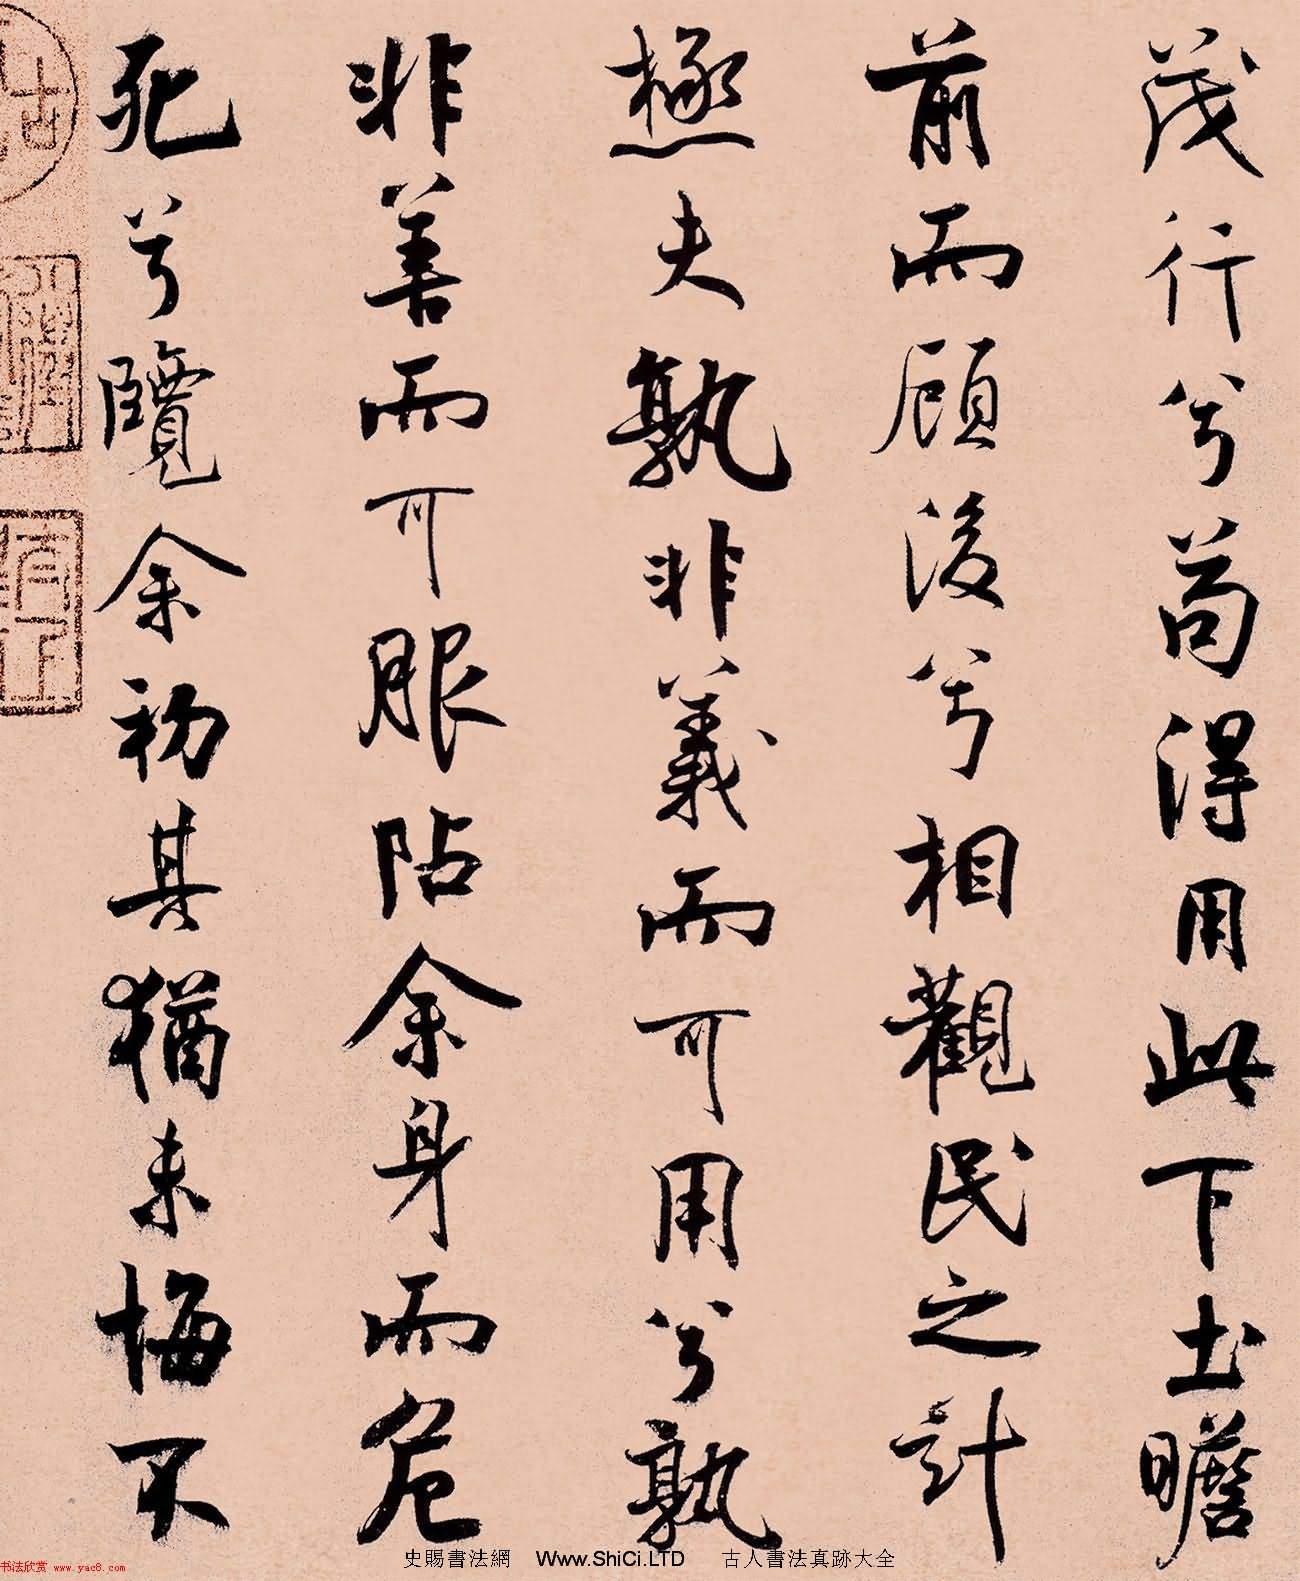 米芾31歲小行楷《離騷經》冊頁